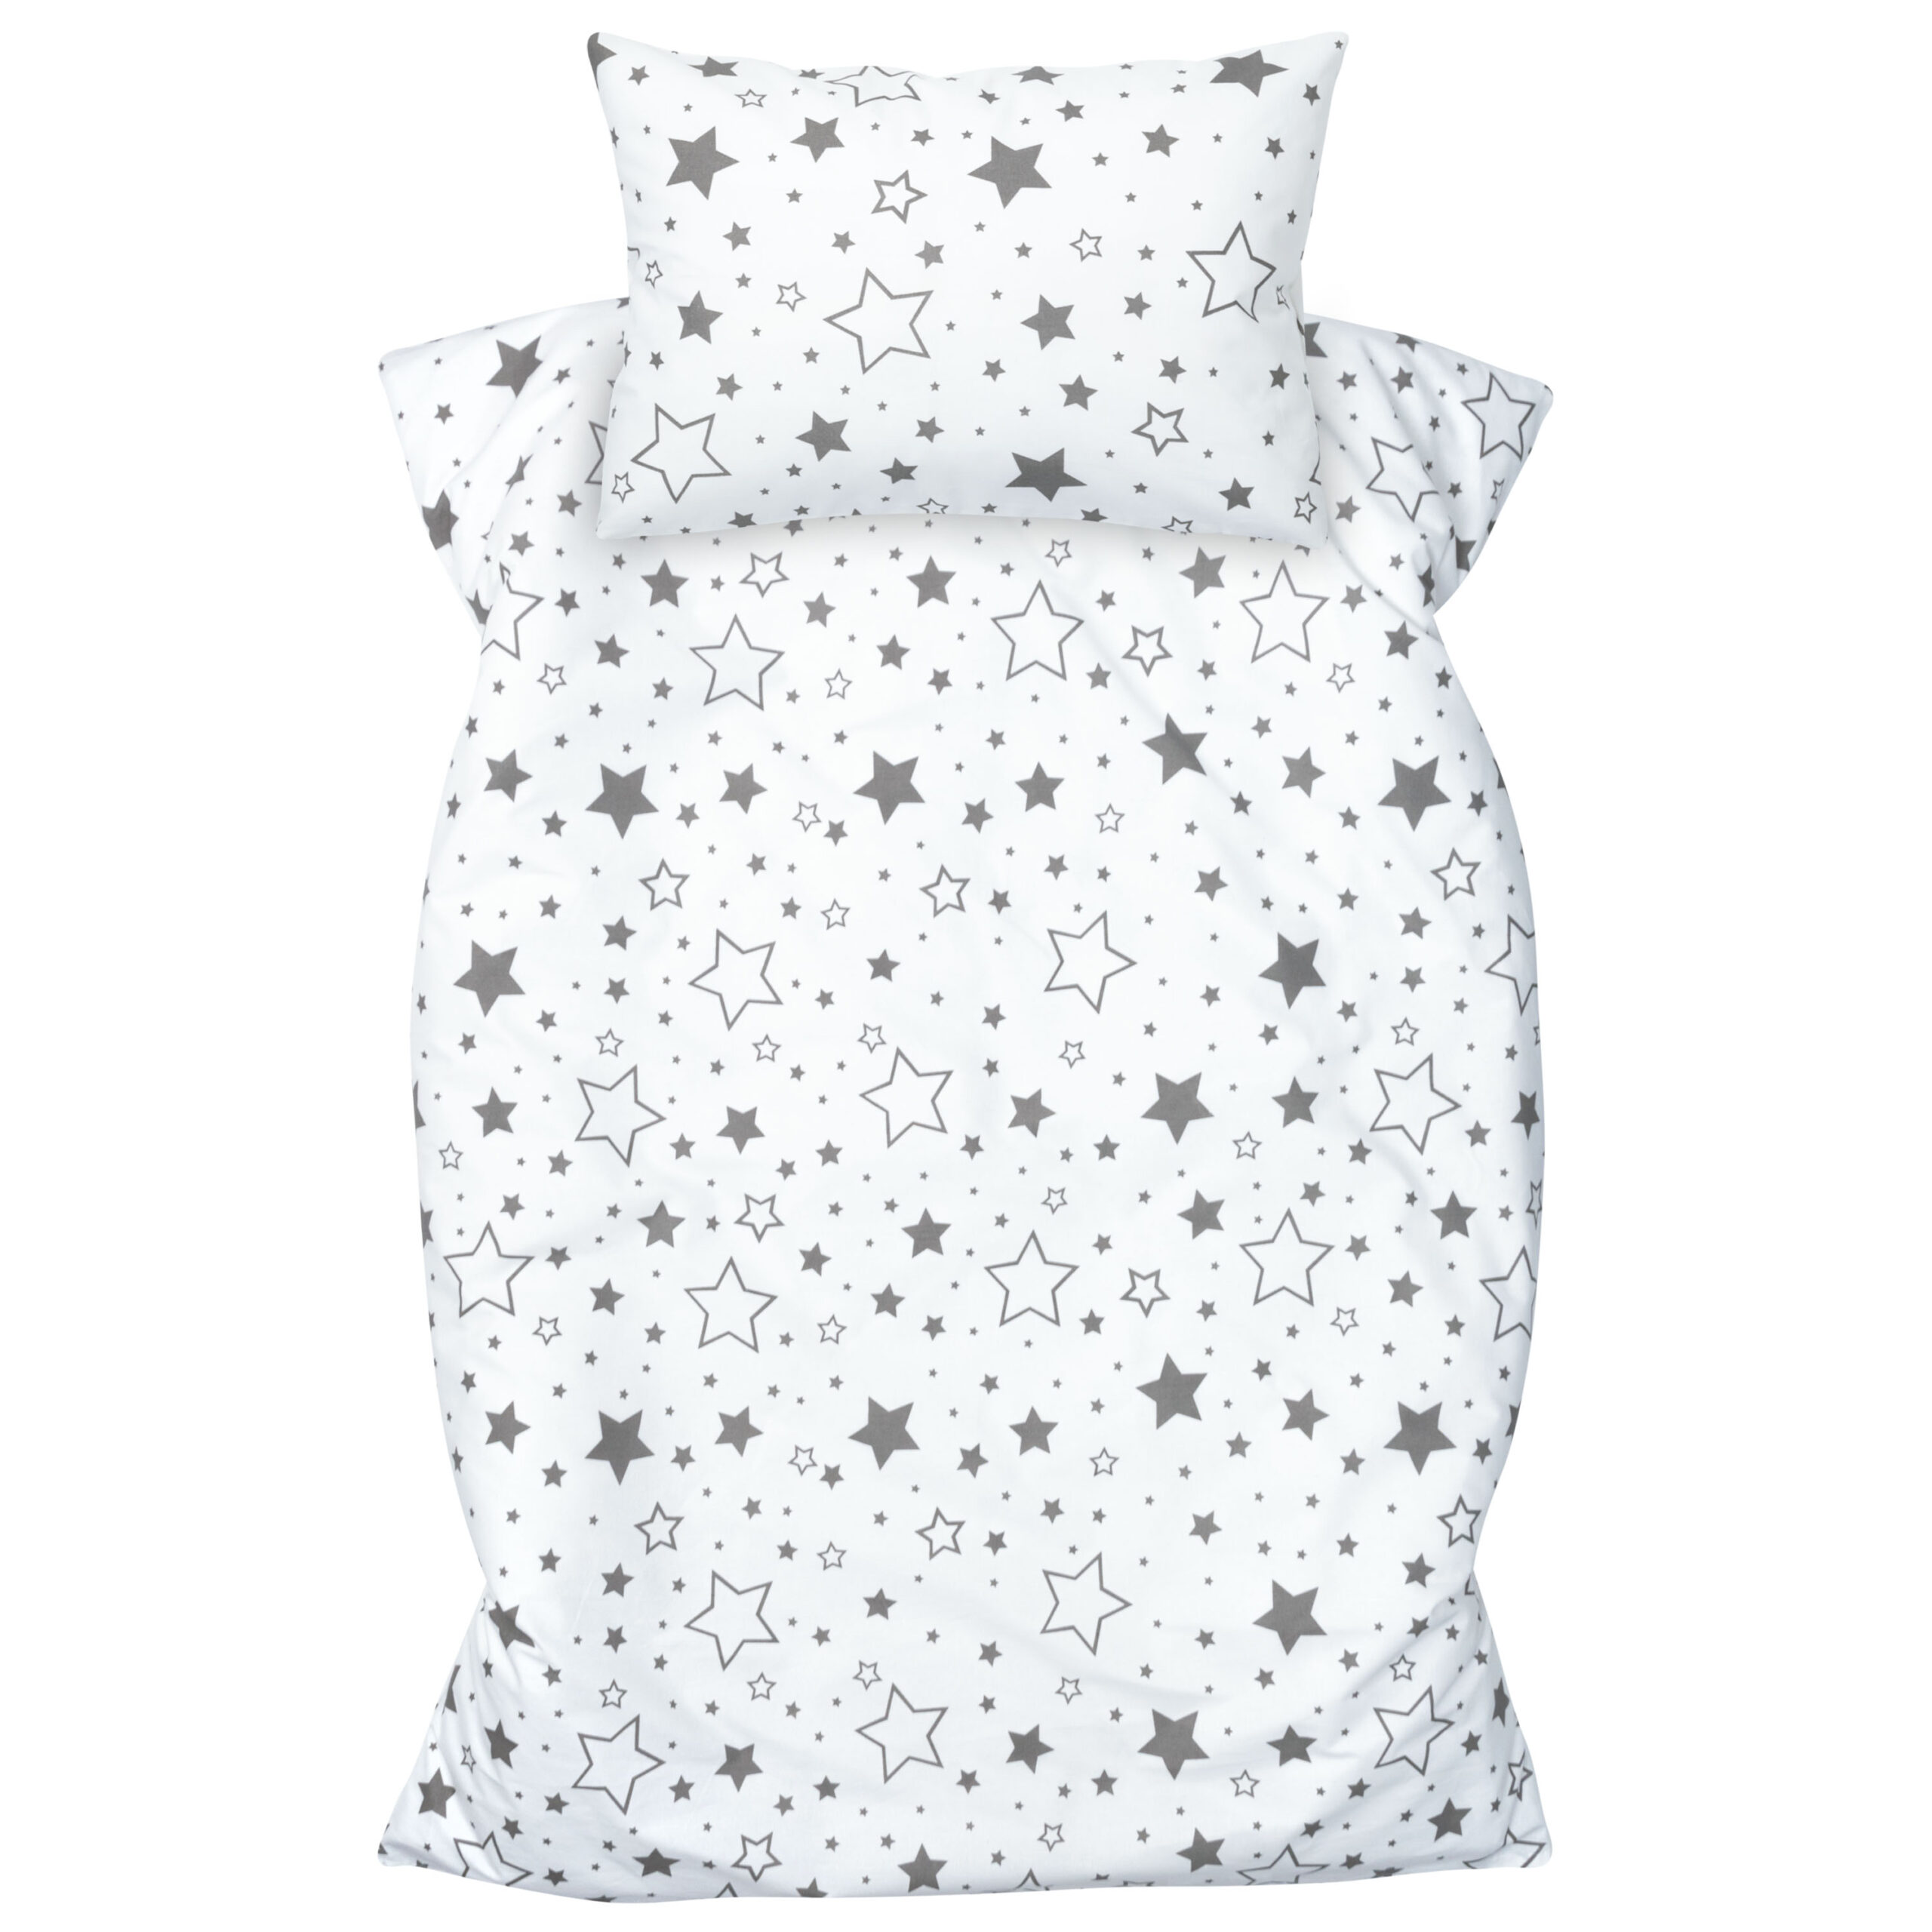 Unisex Spielanzug M/ädchen Shirt Junge 100/% Baumwolle Langarm Hose 2 Teilig Baby Set